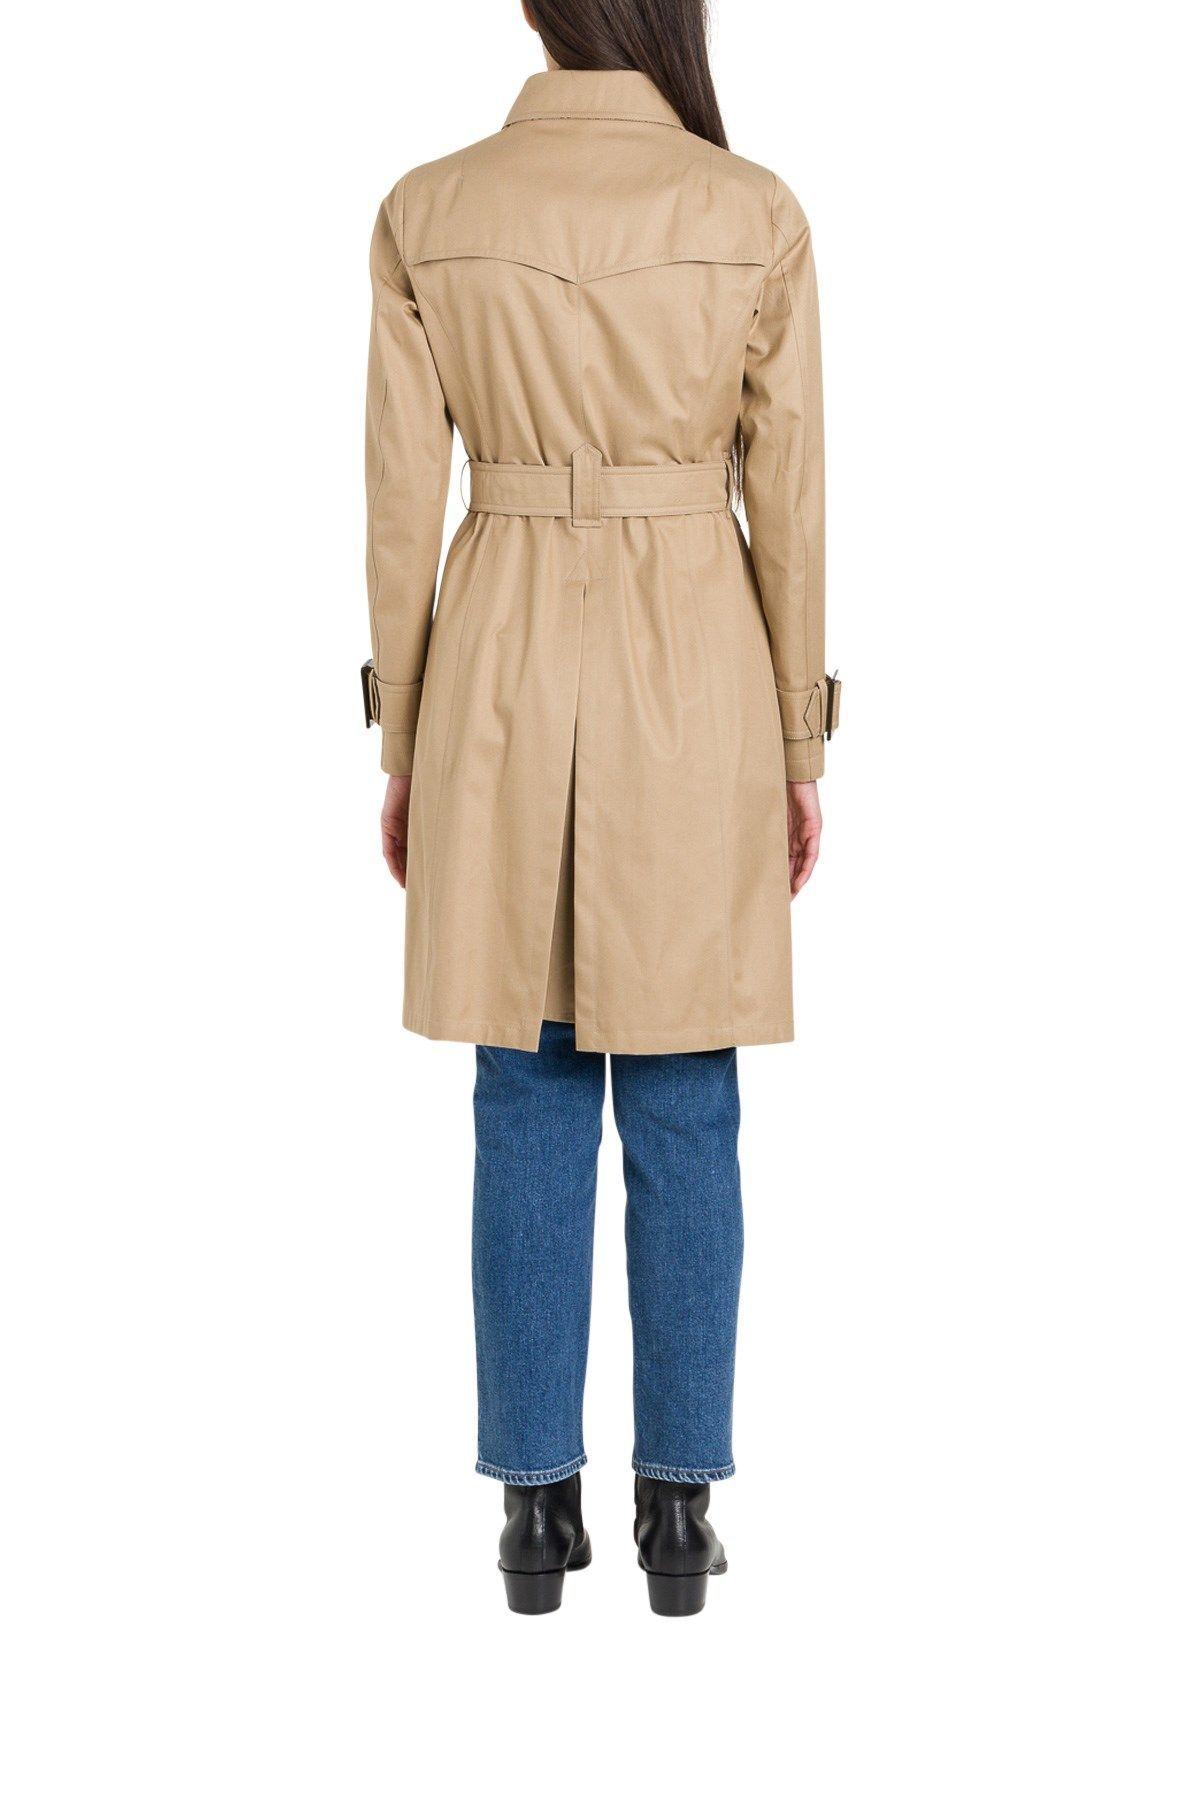 HERNO WOMEN'S IM0118D132182000 BEIGE COTTON TRENCH COAT